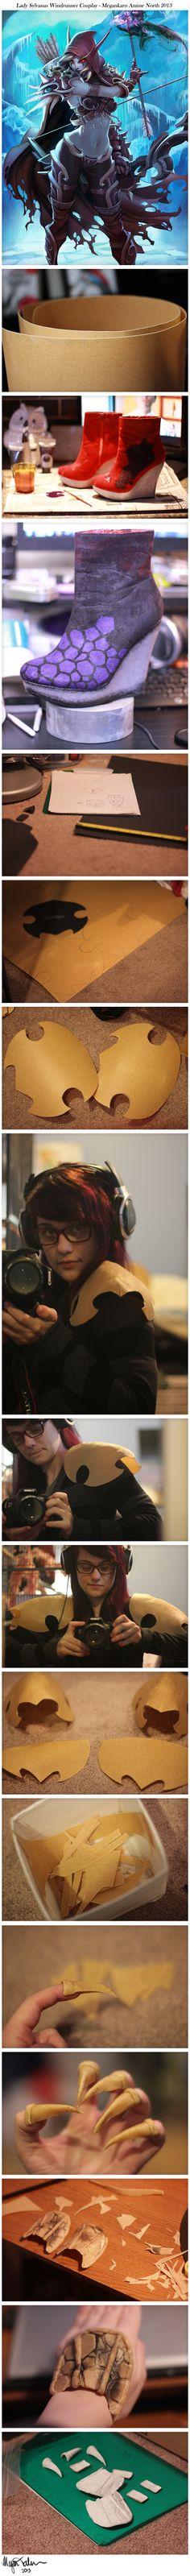 Lady Sylvanas Windrunner Cosplay WIP #1 by Megankaro.deviantart.com on @deviantART